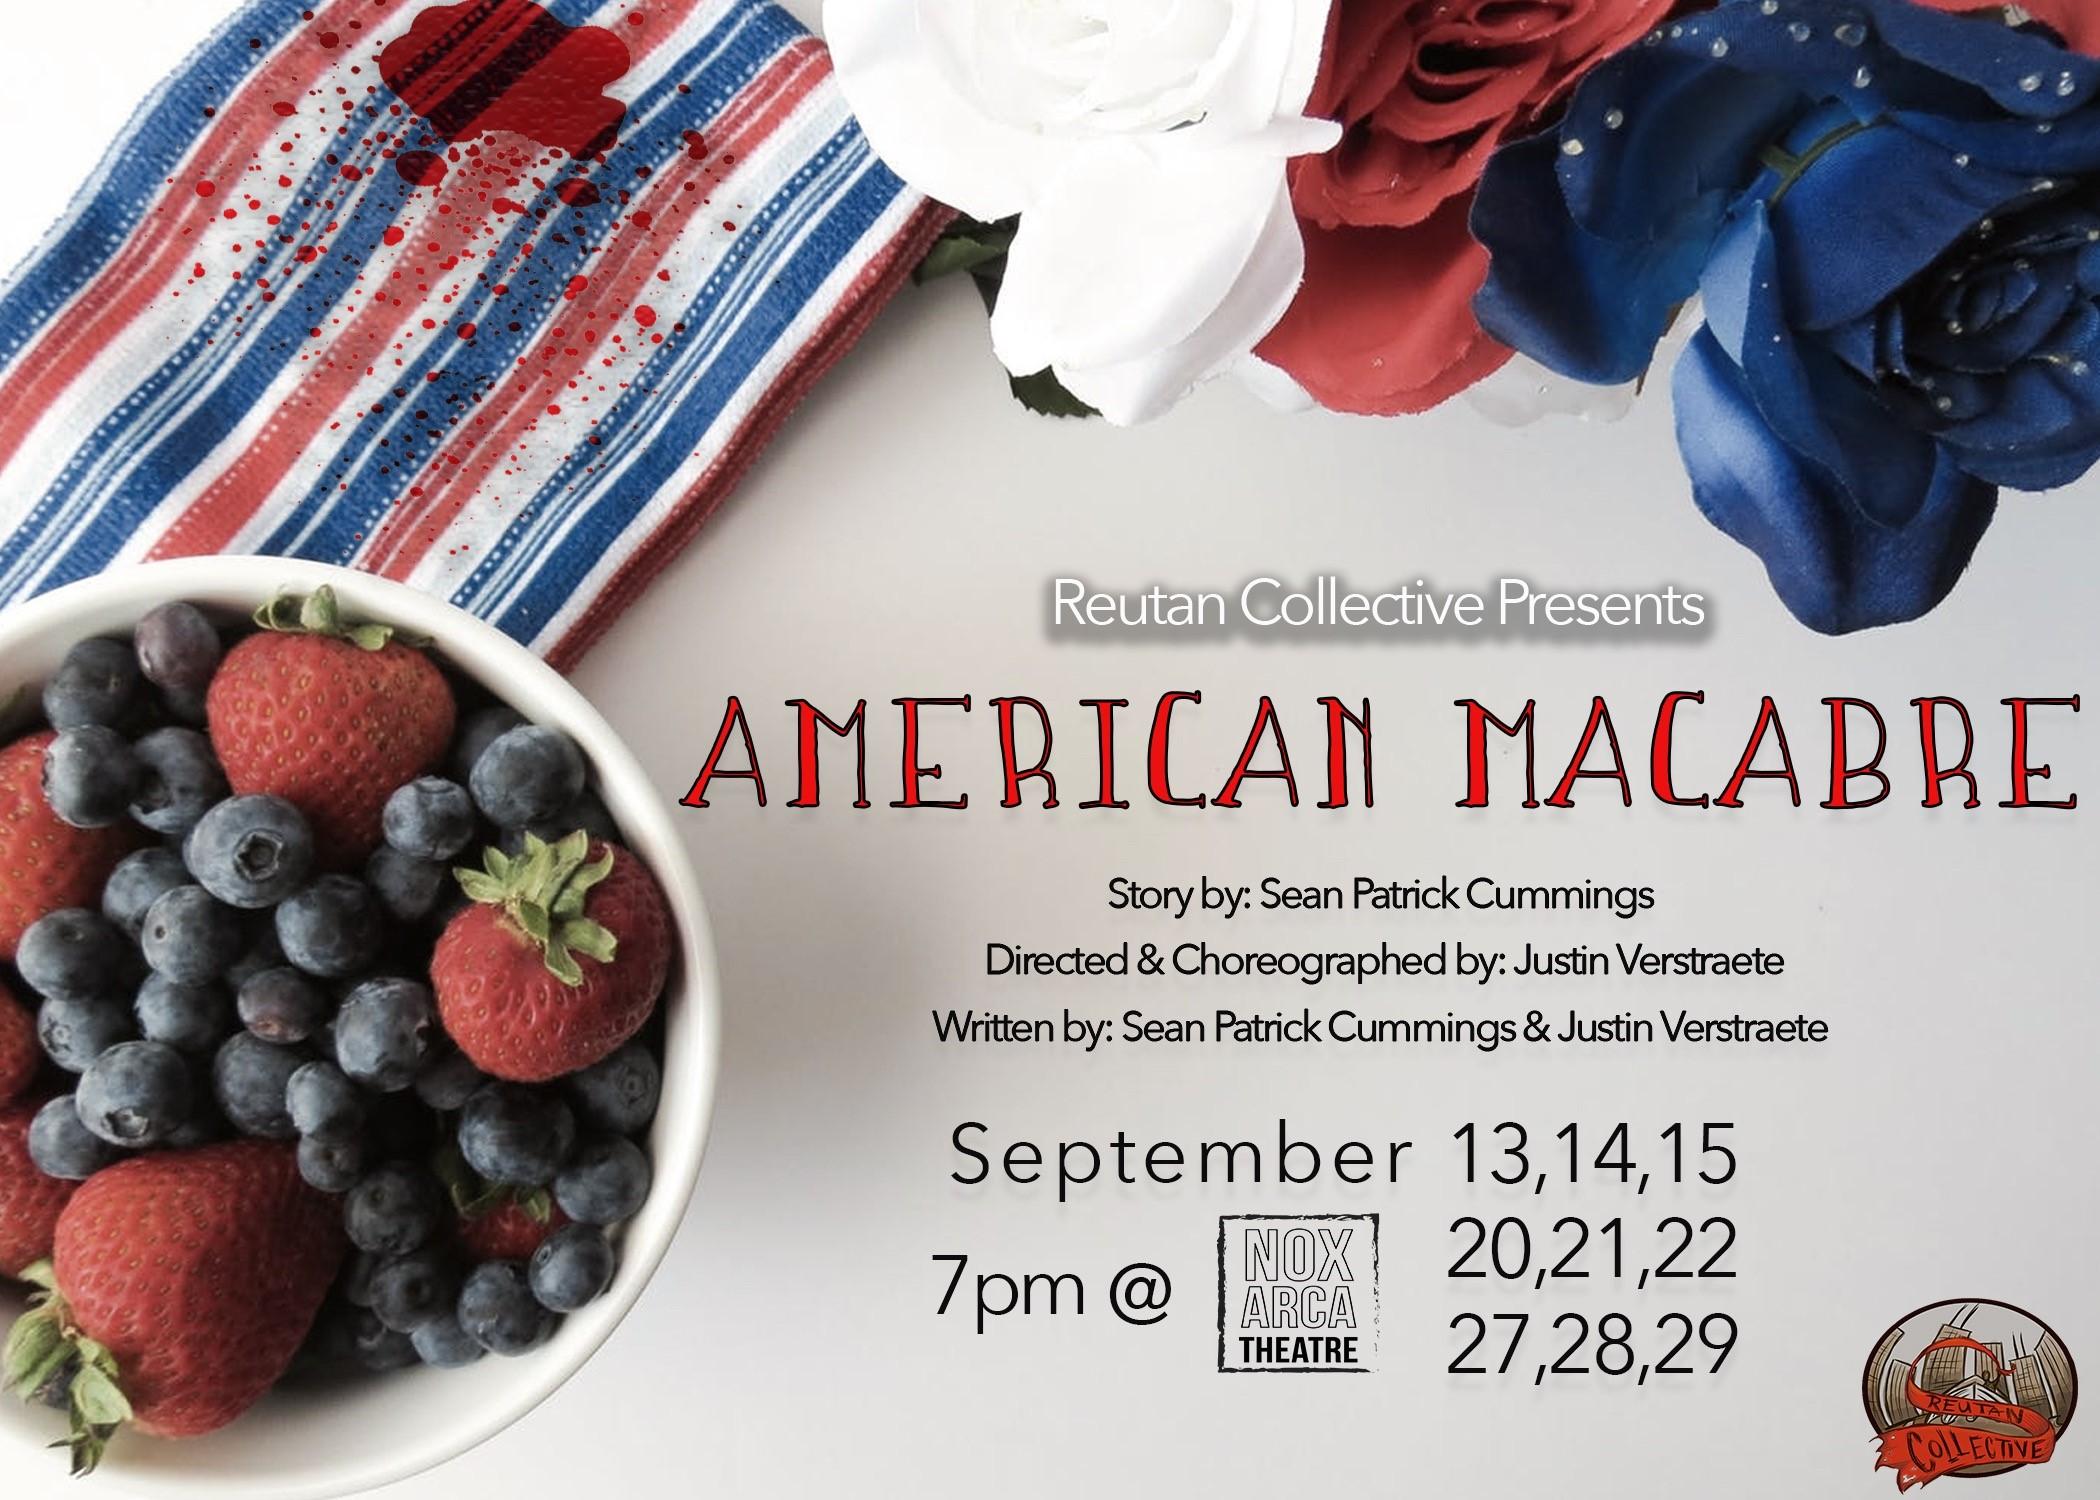 American Macabre Reutan.jpg